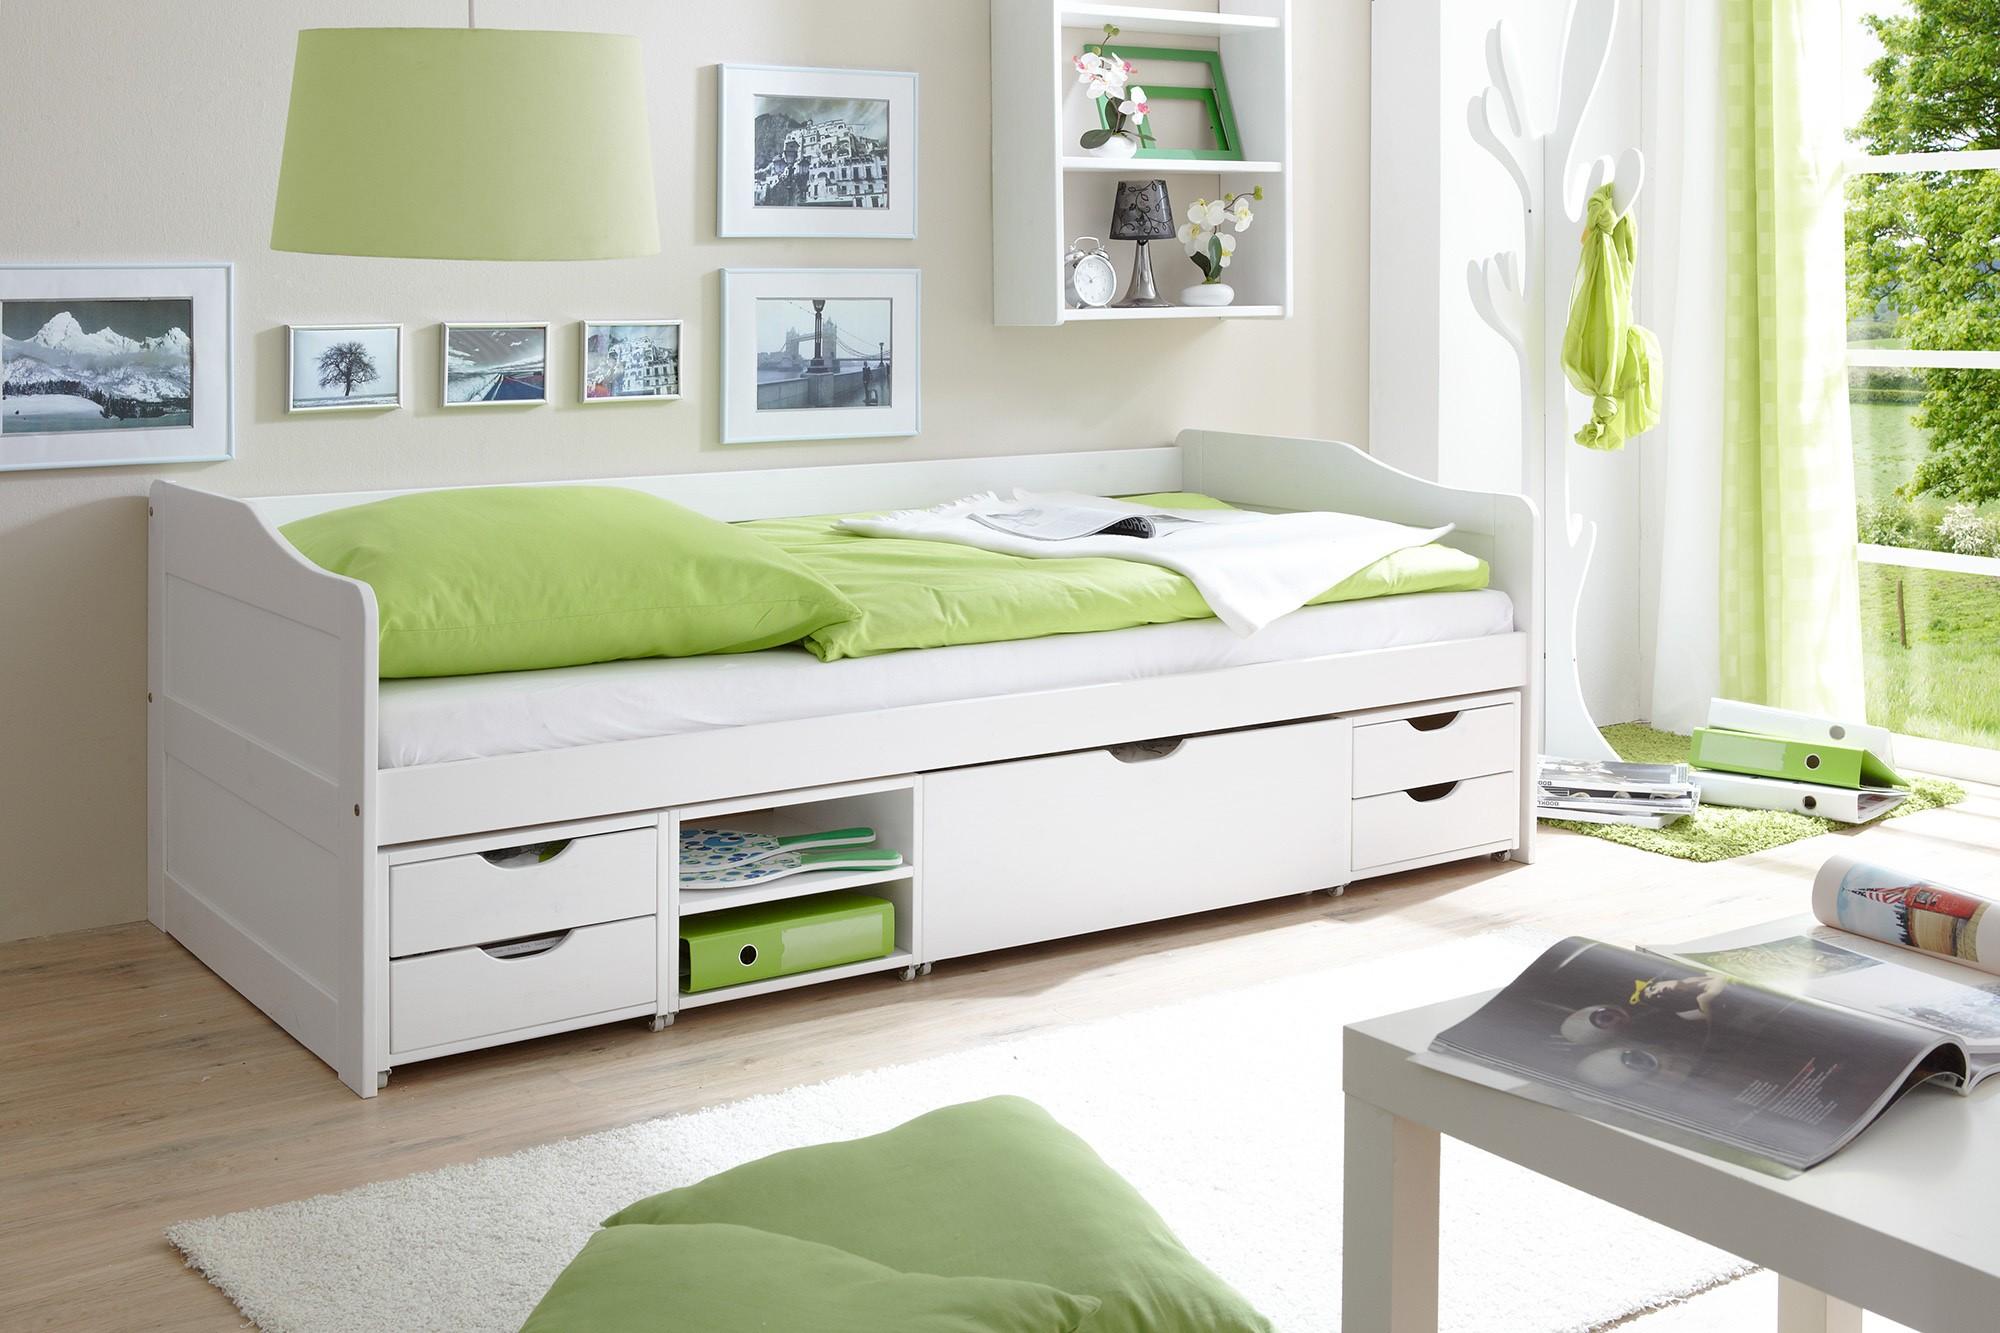 Sofabett für jugendzimmer  Sofabett mit 4 Schubkästen Mod.877406 Kiefer Weiss - H&C Möbel